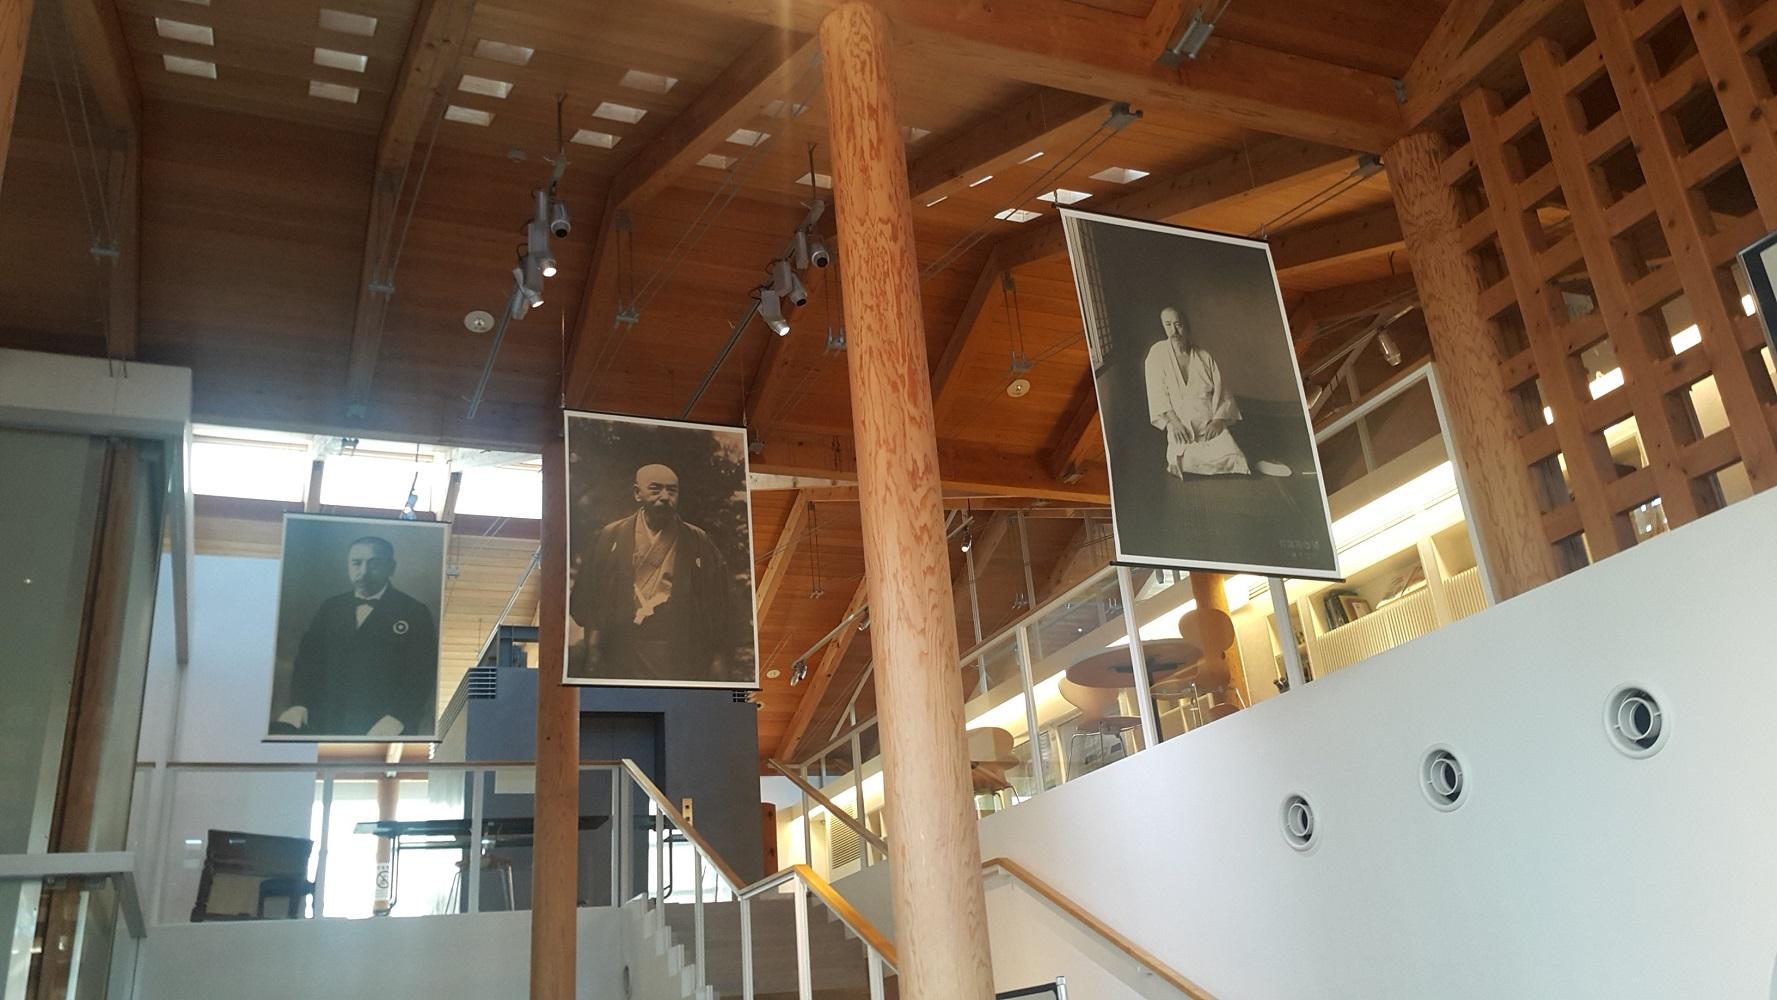 【亞太博物館連線專欄】百年隱身友誼—孫中山和南方熊楠的故事